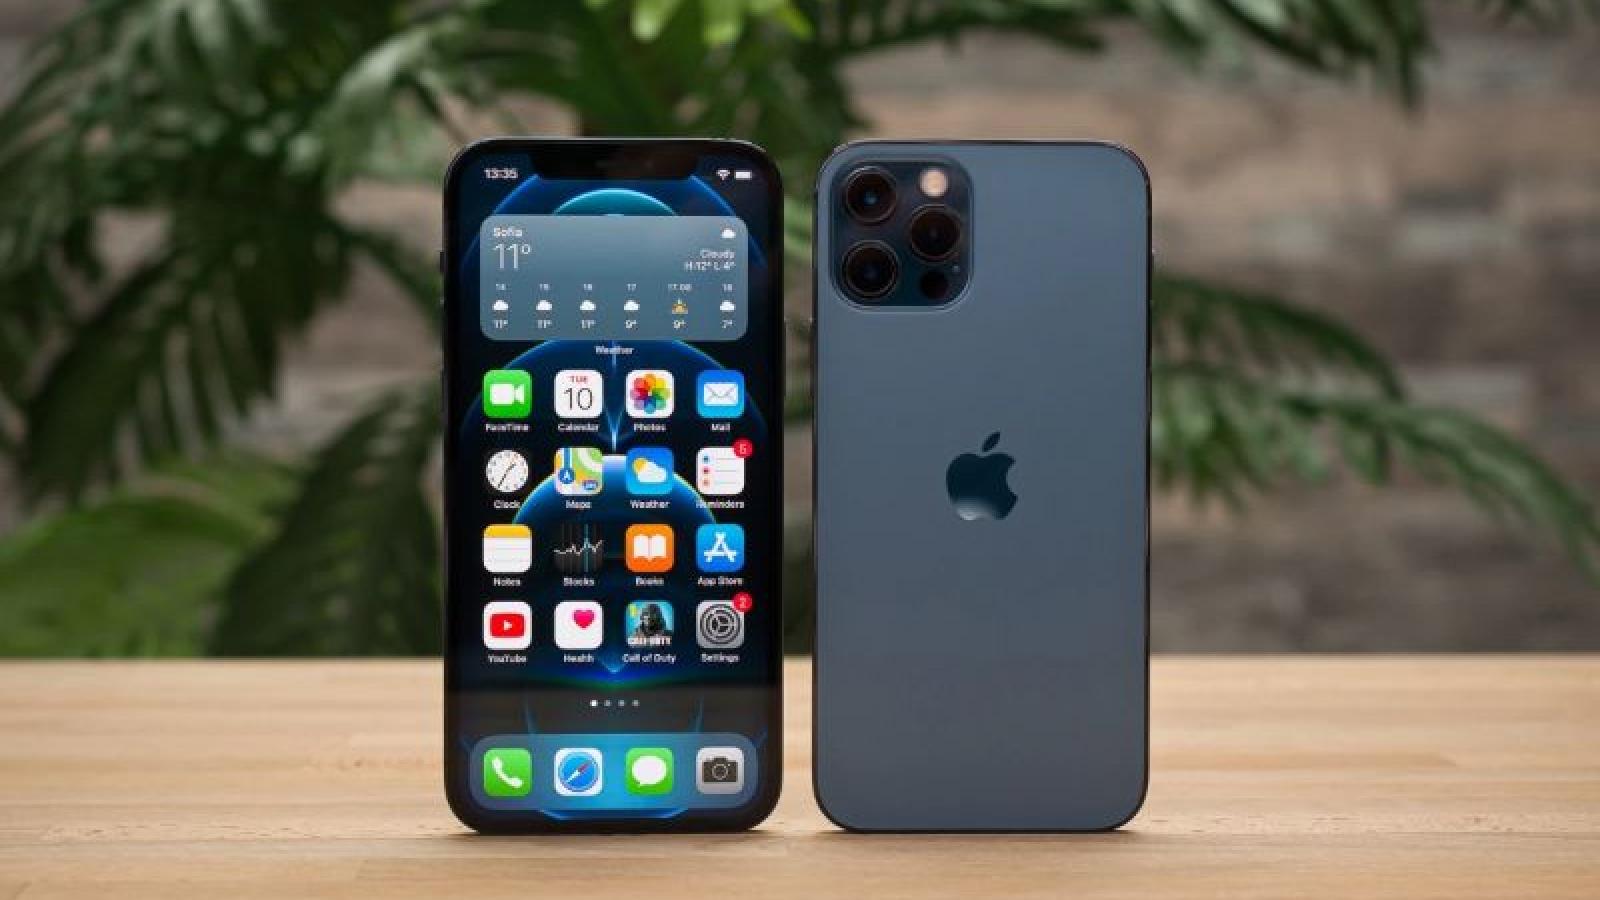 iPhone 12 chỉ cần 2 tuần để trở thành smartphone 5G phổ biến nhất